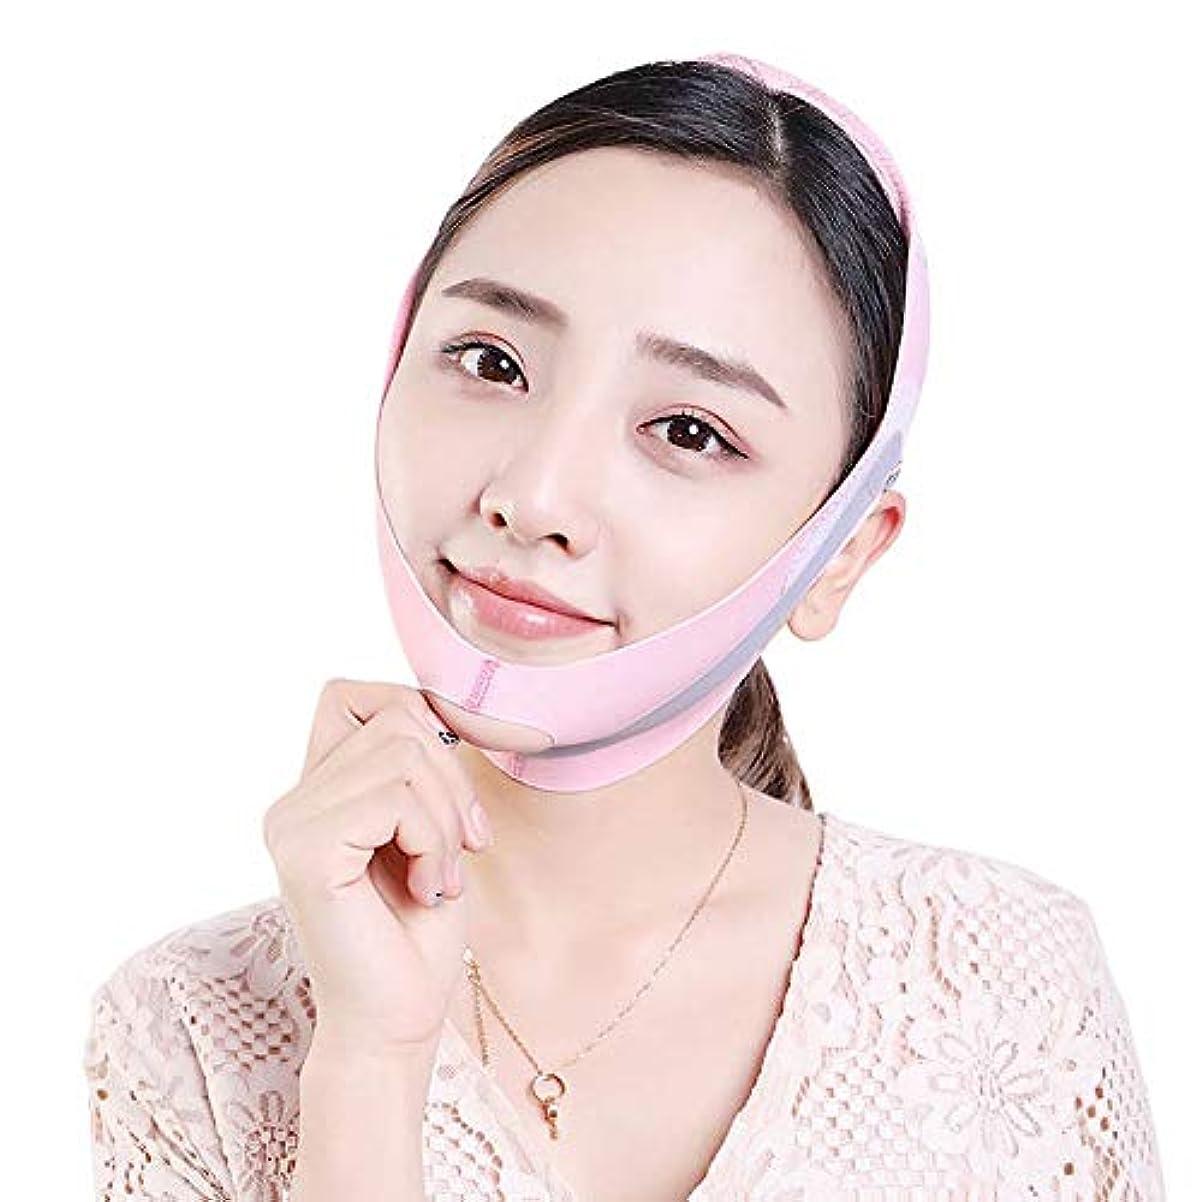 影響力のある電気有効なたるみを防ぐために顔を持ち上げるために筋肉を引き締めるために二重あごのステッカーとラインを削除するために、顔を持ち上げるアーティファクト包帯があります - ピンク